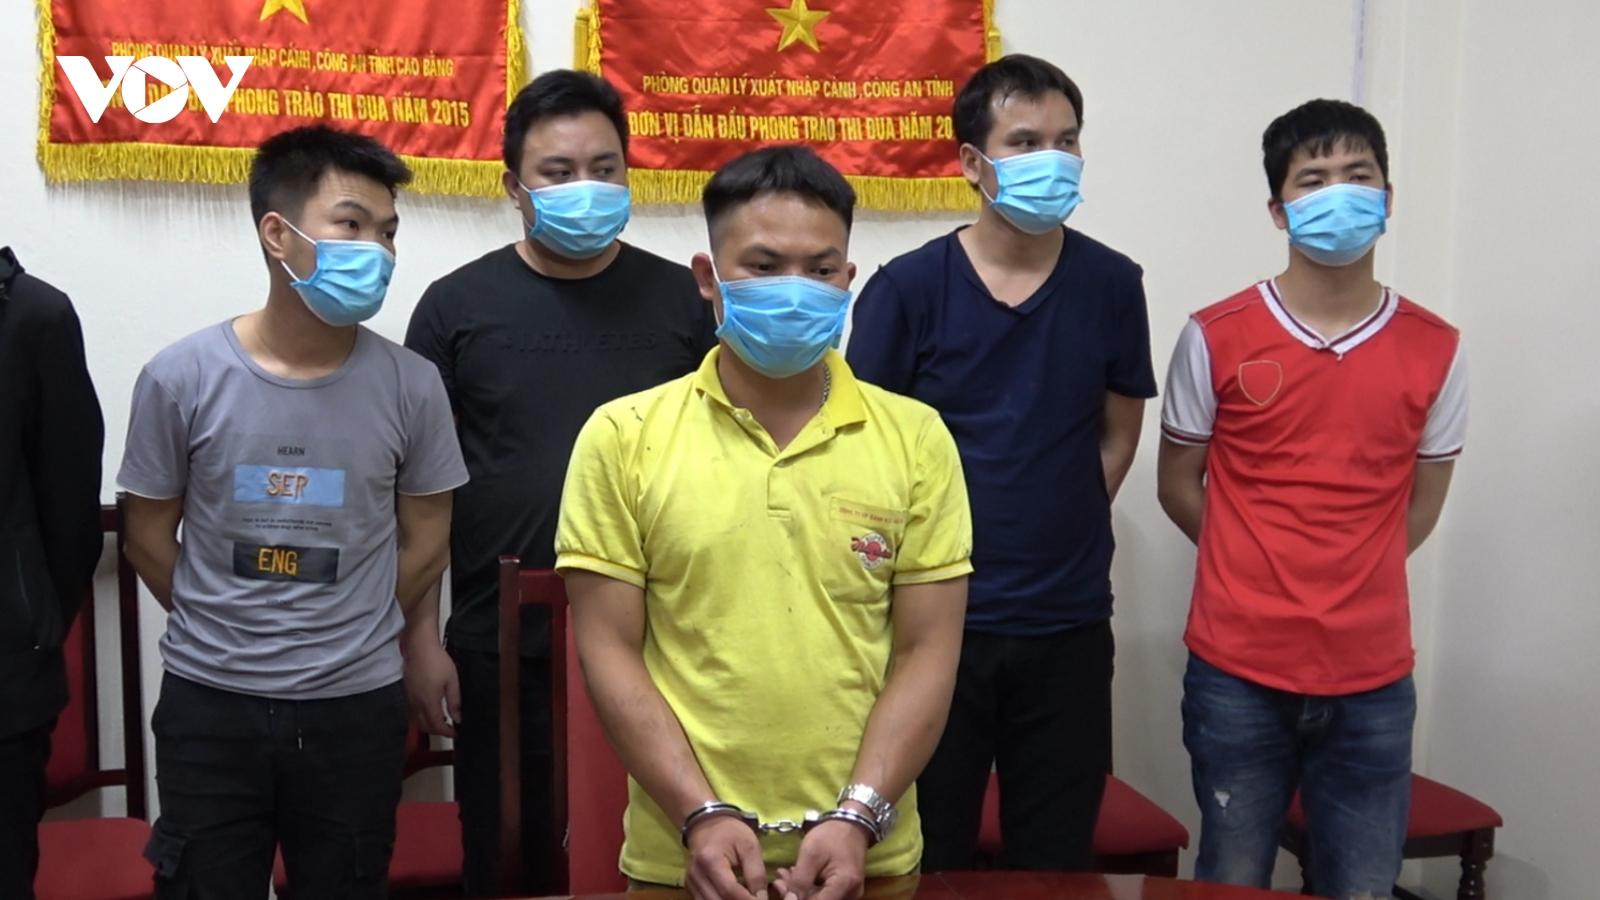 Cao Bằng tạm giữ đối tượng đưa 10 người Trung Quốc nhập cảnh trái phép vào Việt Nam